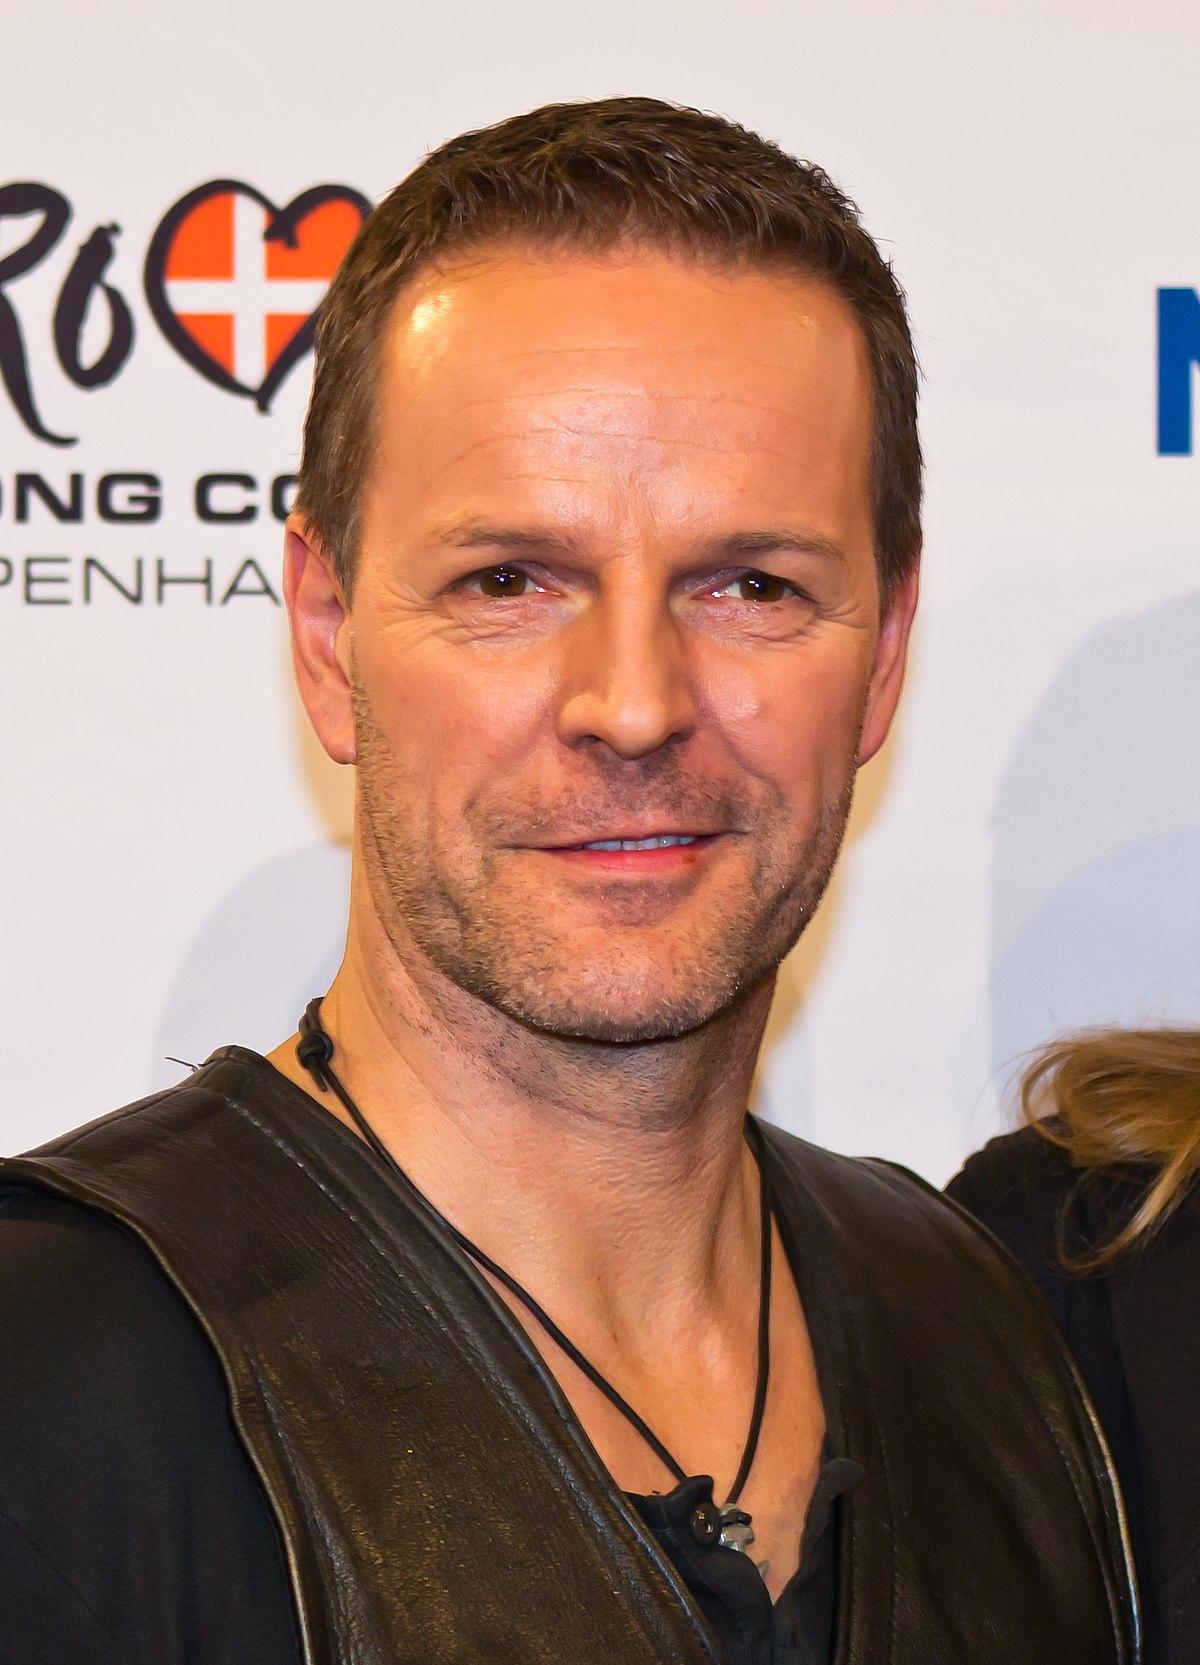 Santiano Axel Stosberg